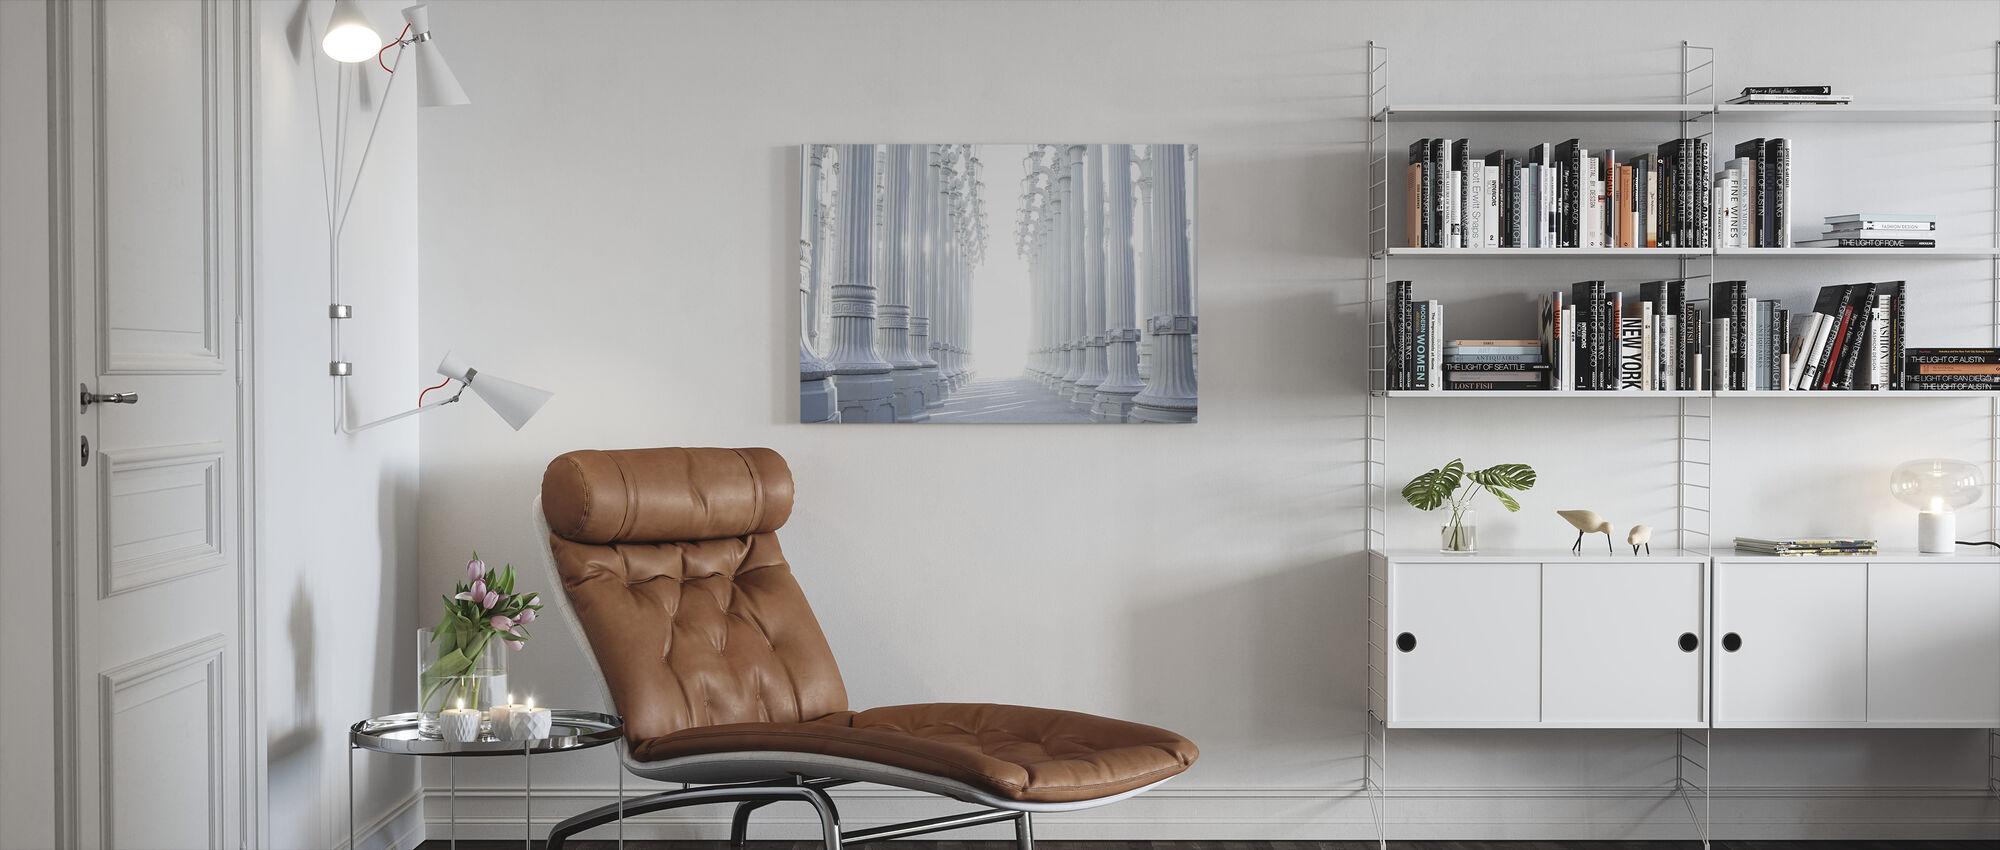 Ancient Hallway Columns - Canvas print - Living Room